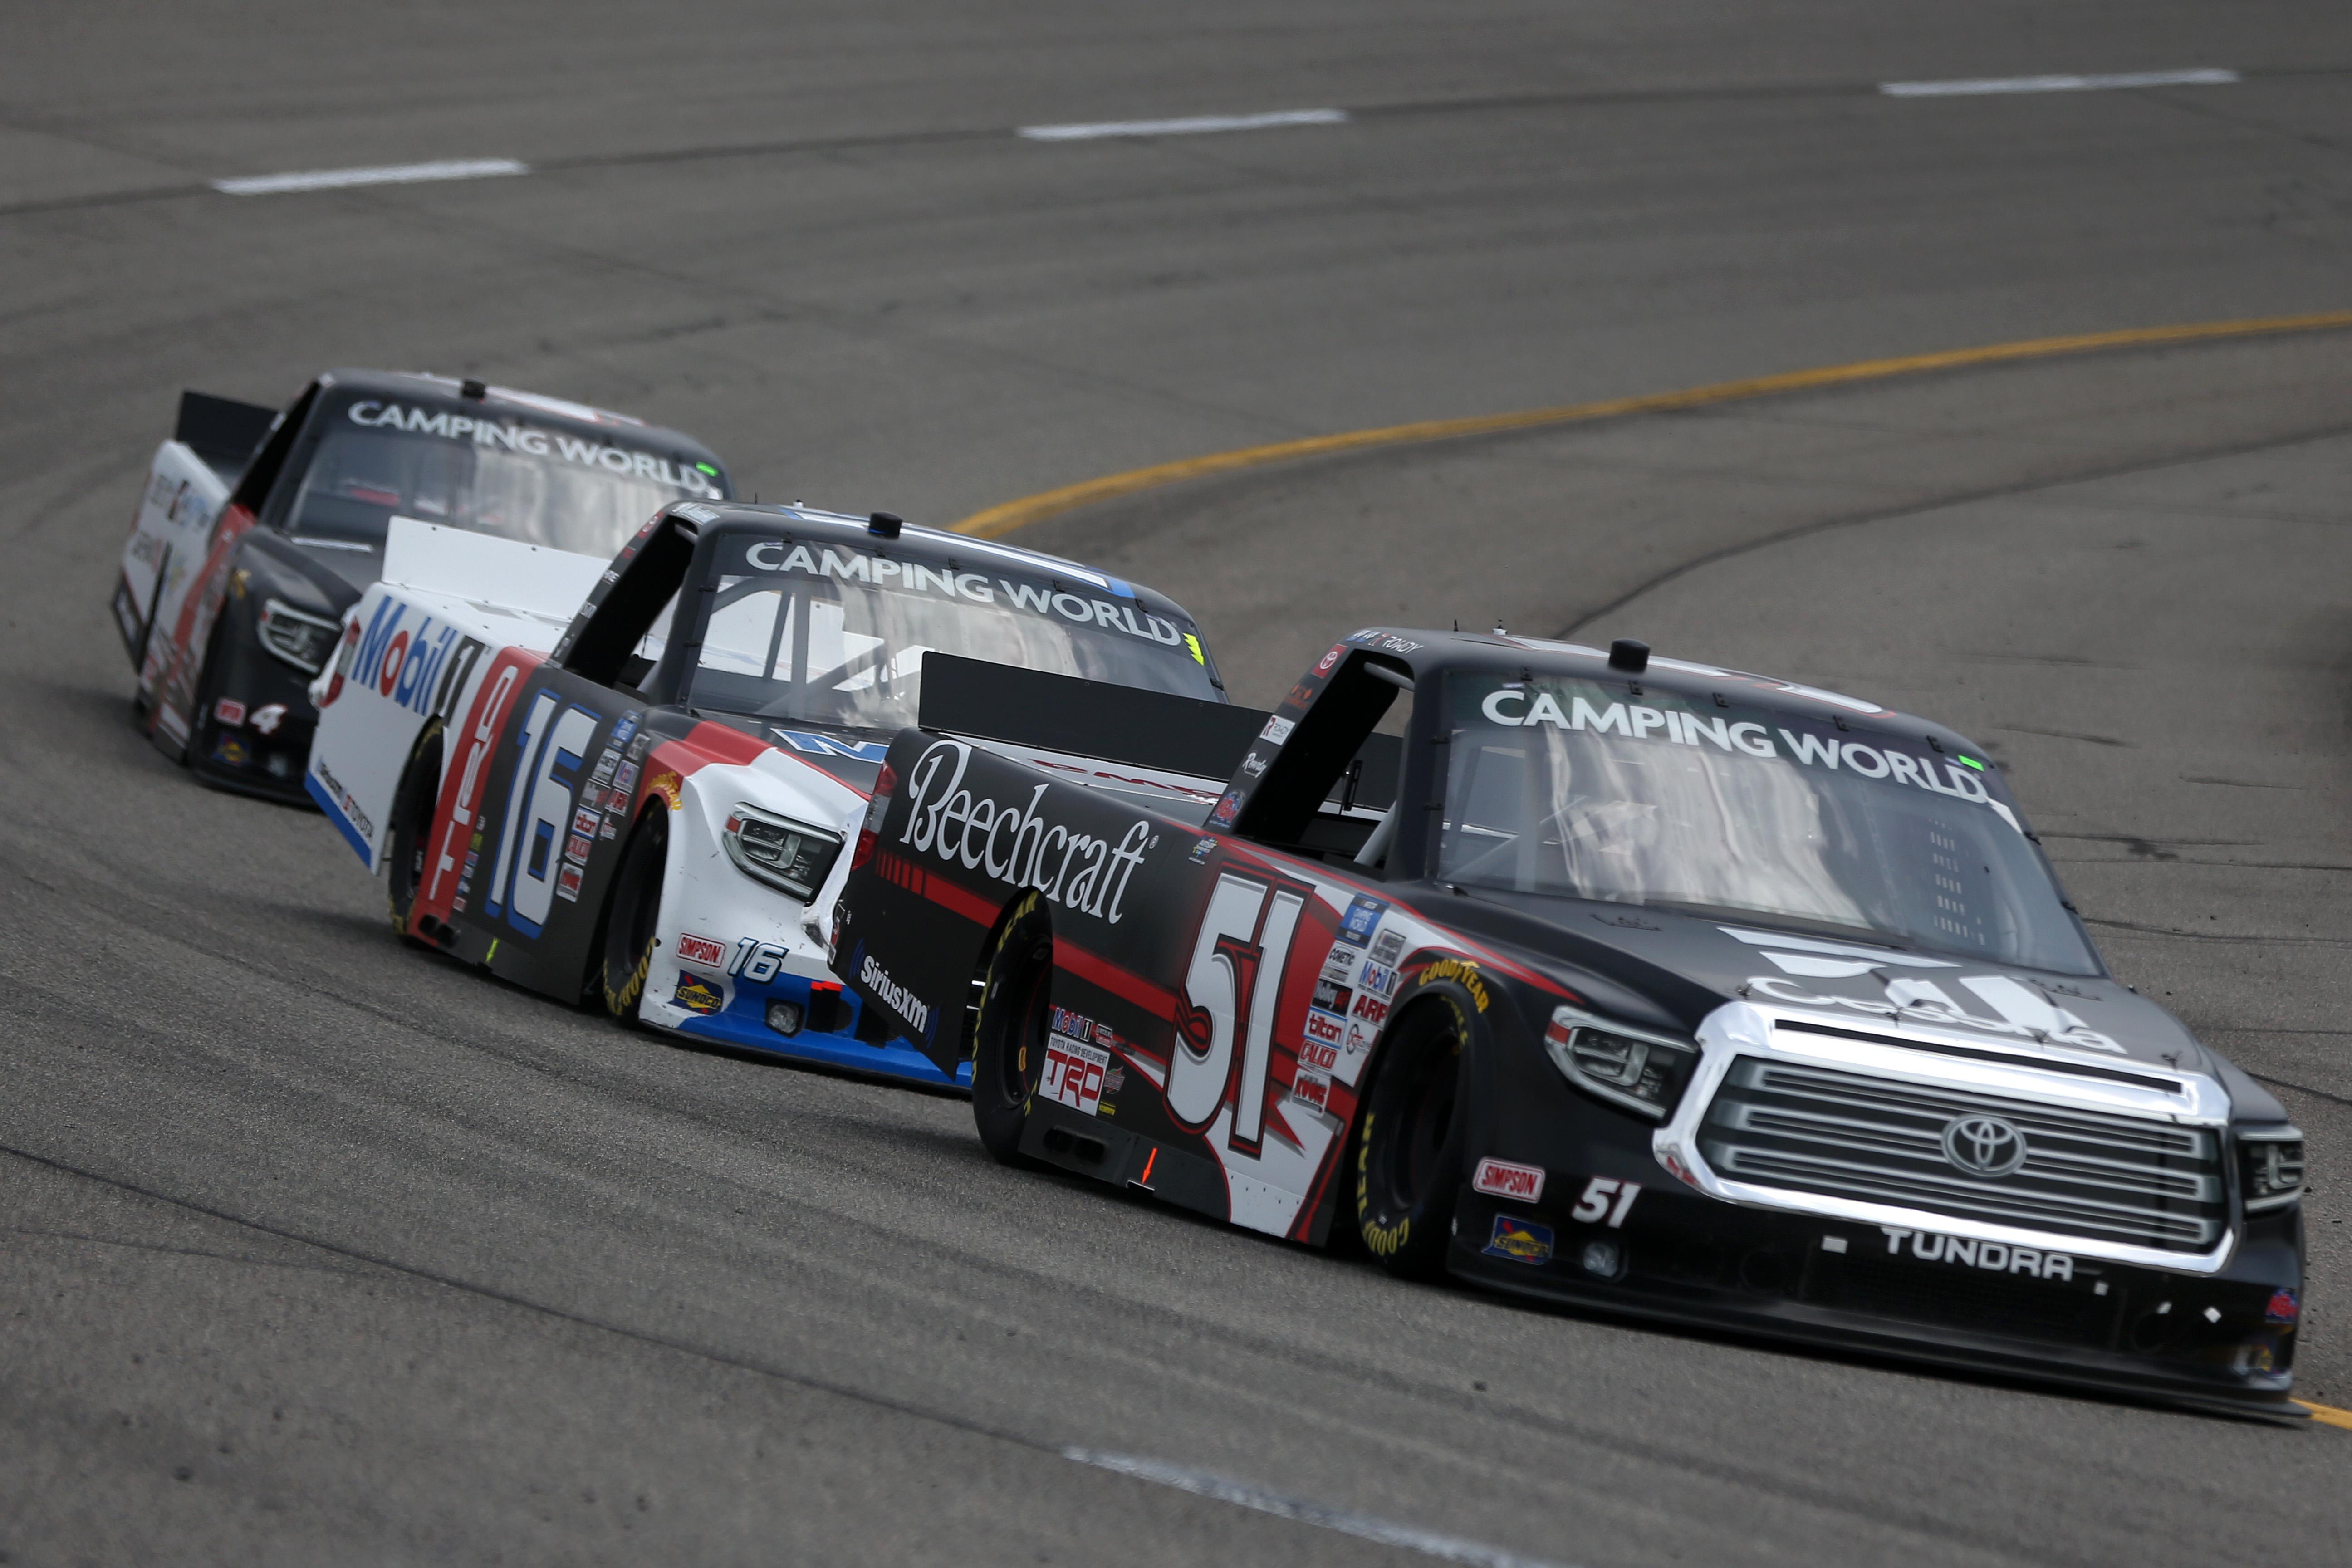 2021年4月17日,在弗吉尼亚州里士满赛道举行的纳斯卡世界露营卡车系列赛丰田250中,51号塞斯纳丰田汽车的司机凯尔·布希领跑。